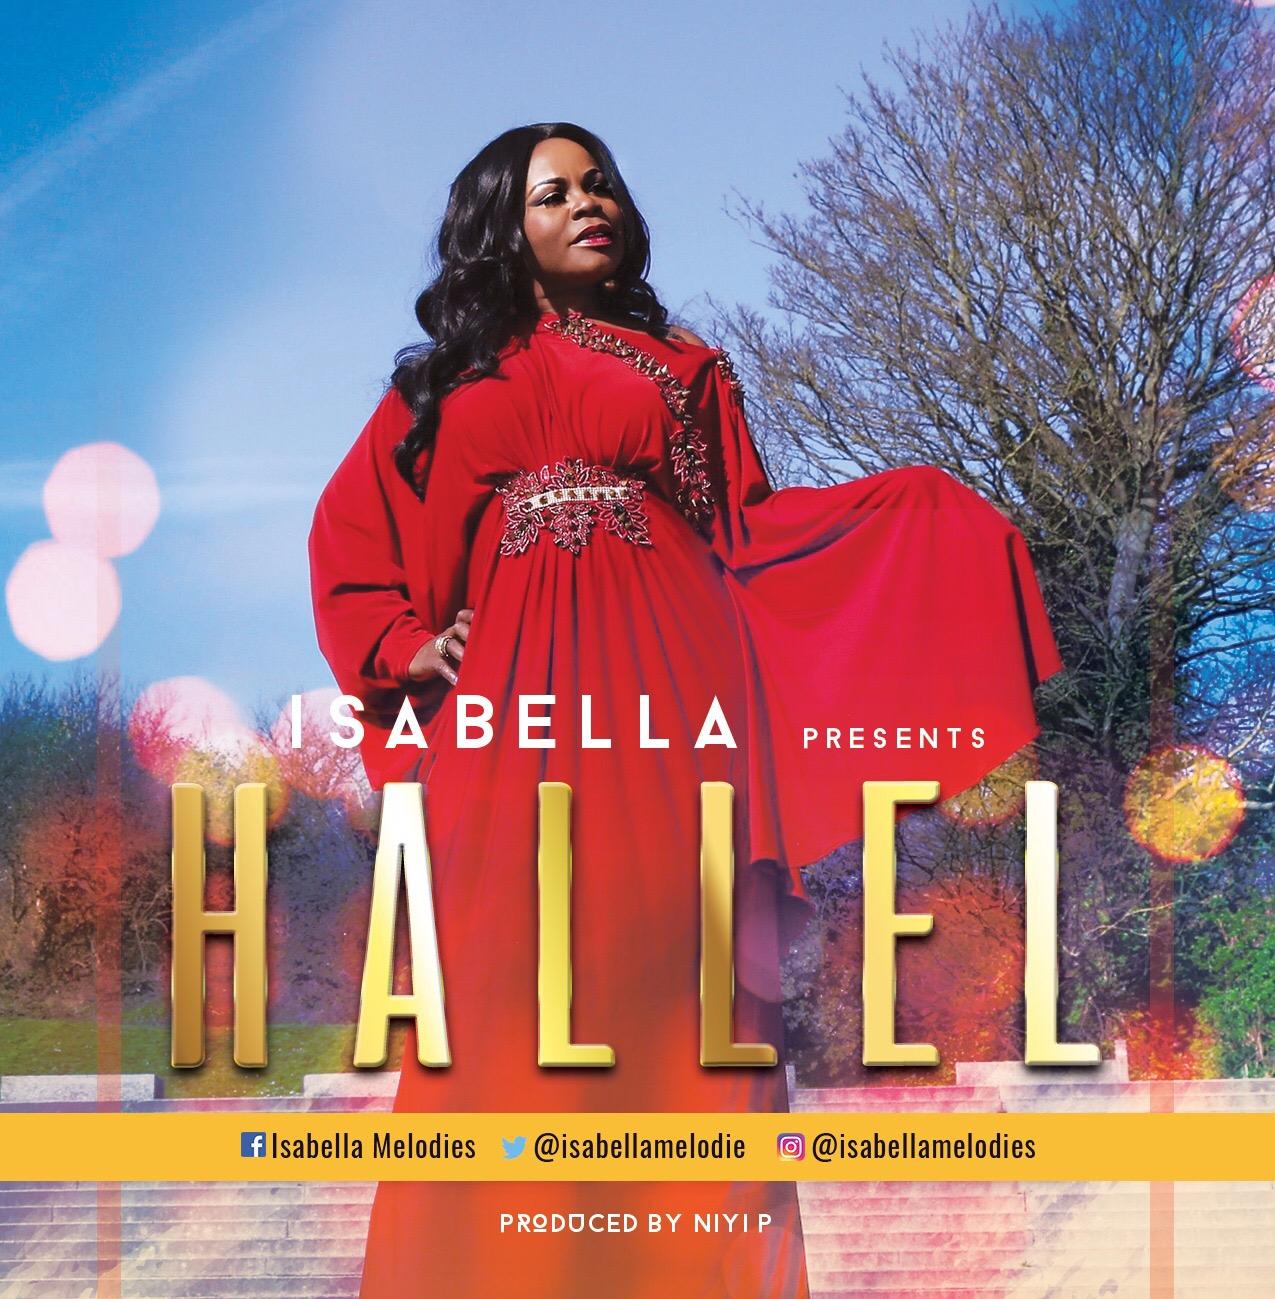 Isabella - Hallel Mp3 Download